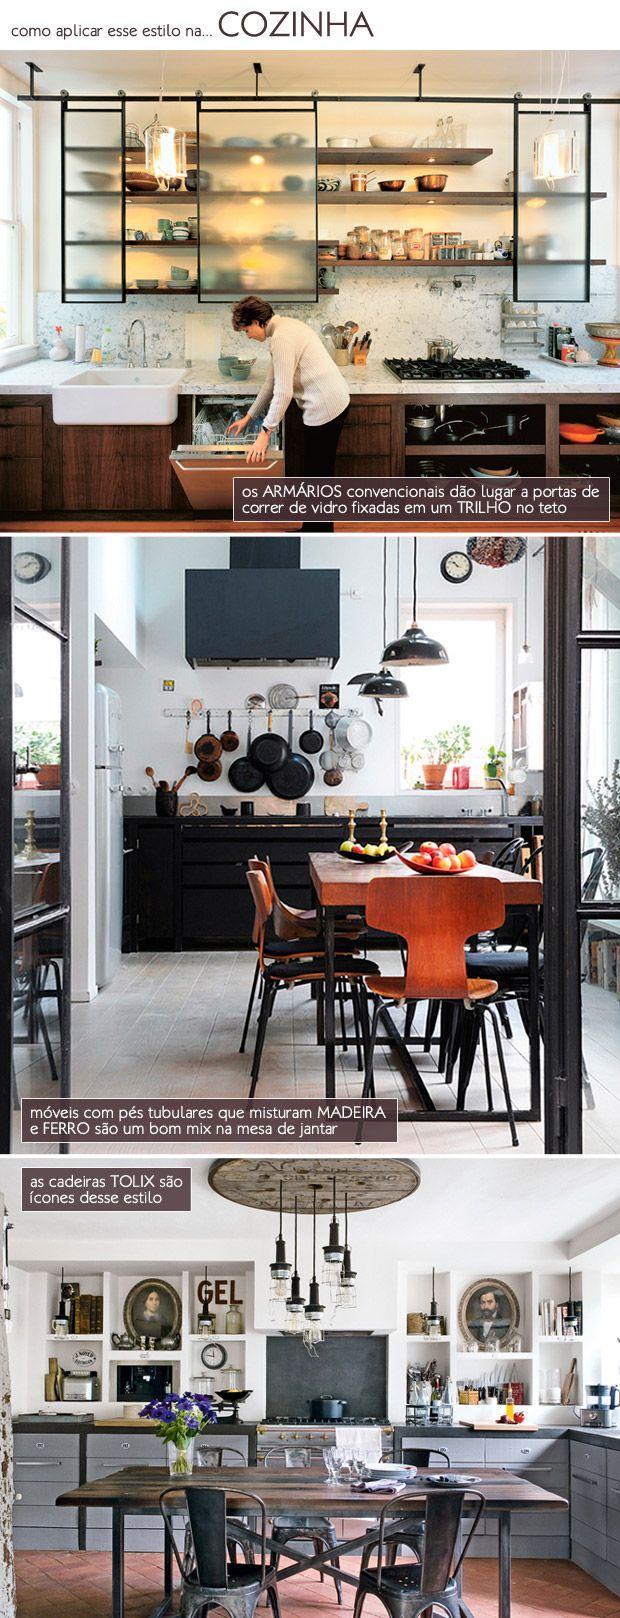 Iron and wood in the kitchen. Armario de vidro fosco.